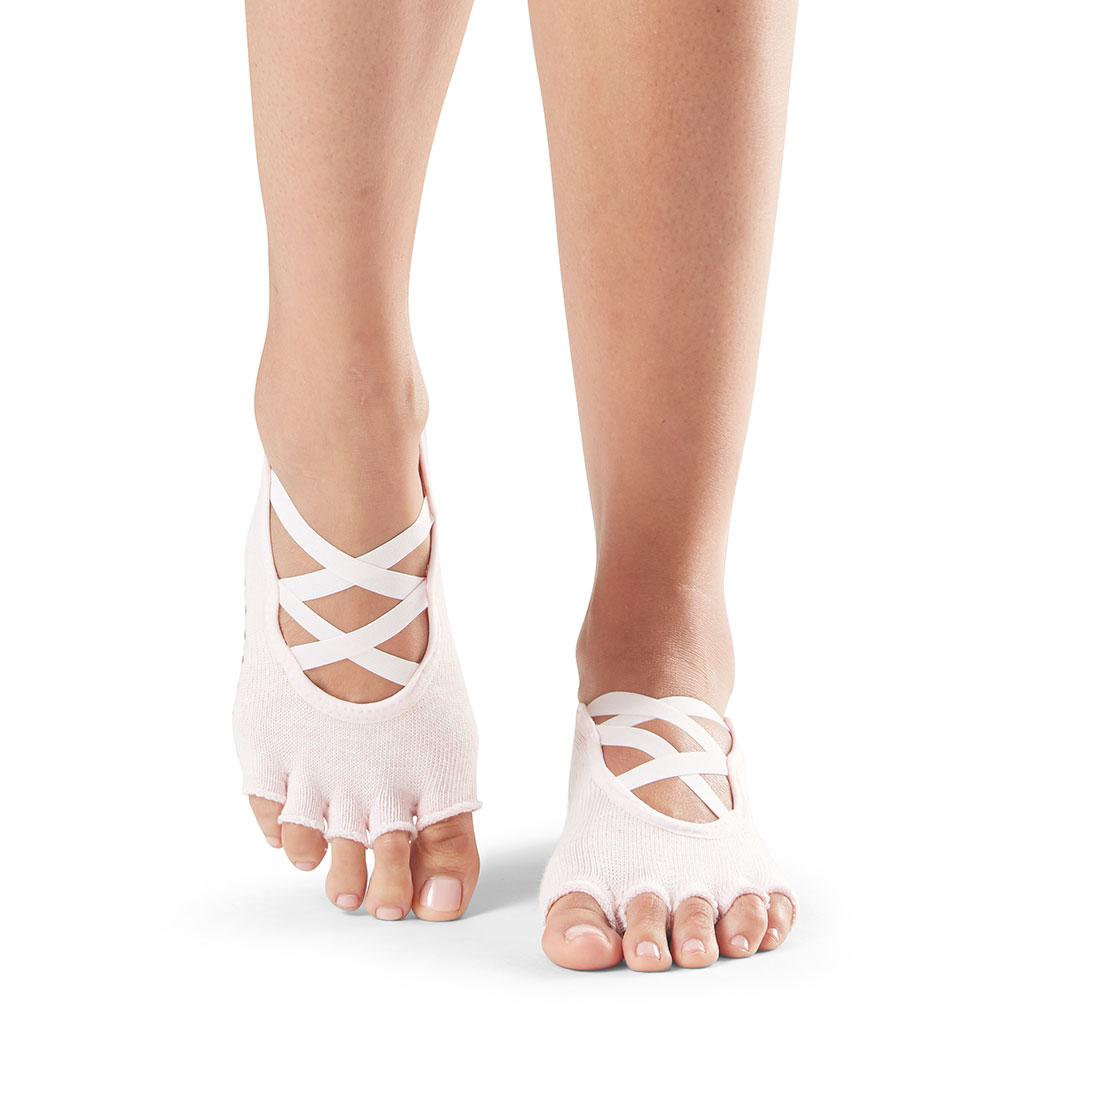 Yogasocken ToeSox Elle Half Toe Ballett Pink - 1